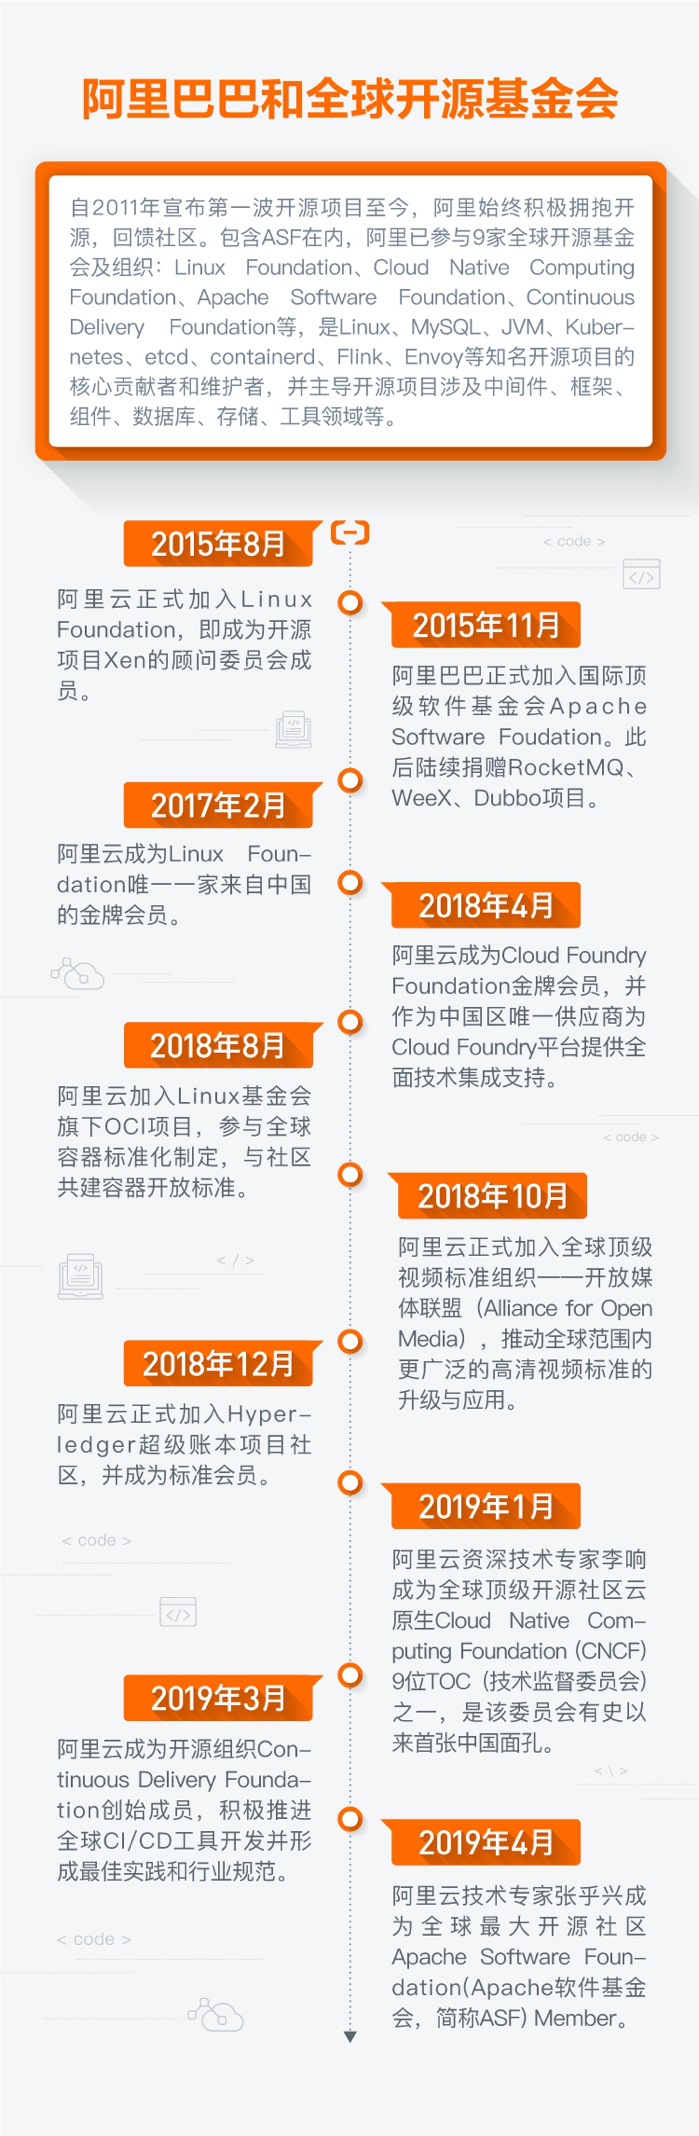 阿里云技术专家获邀成为全球最大开源基金会ASF member